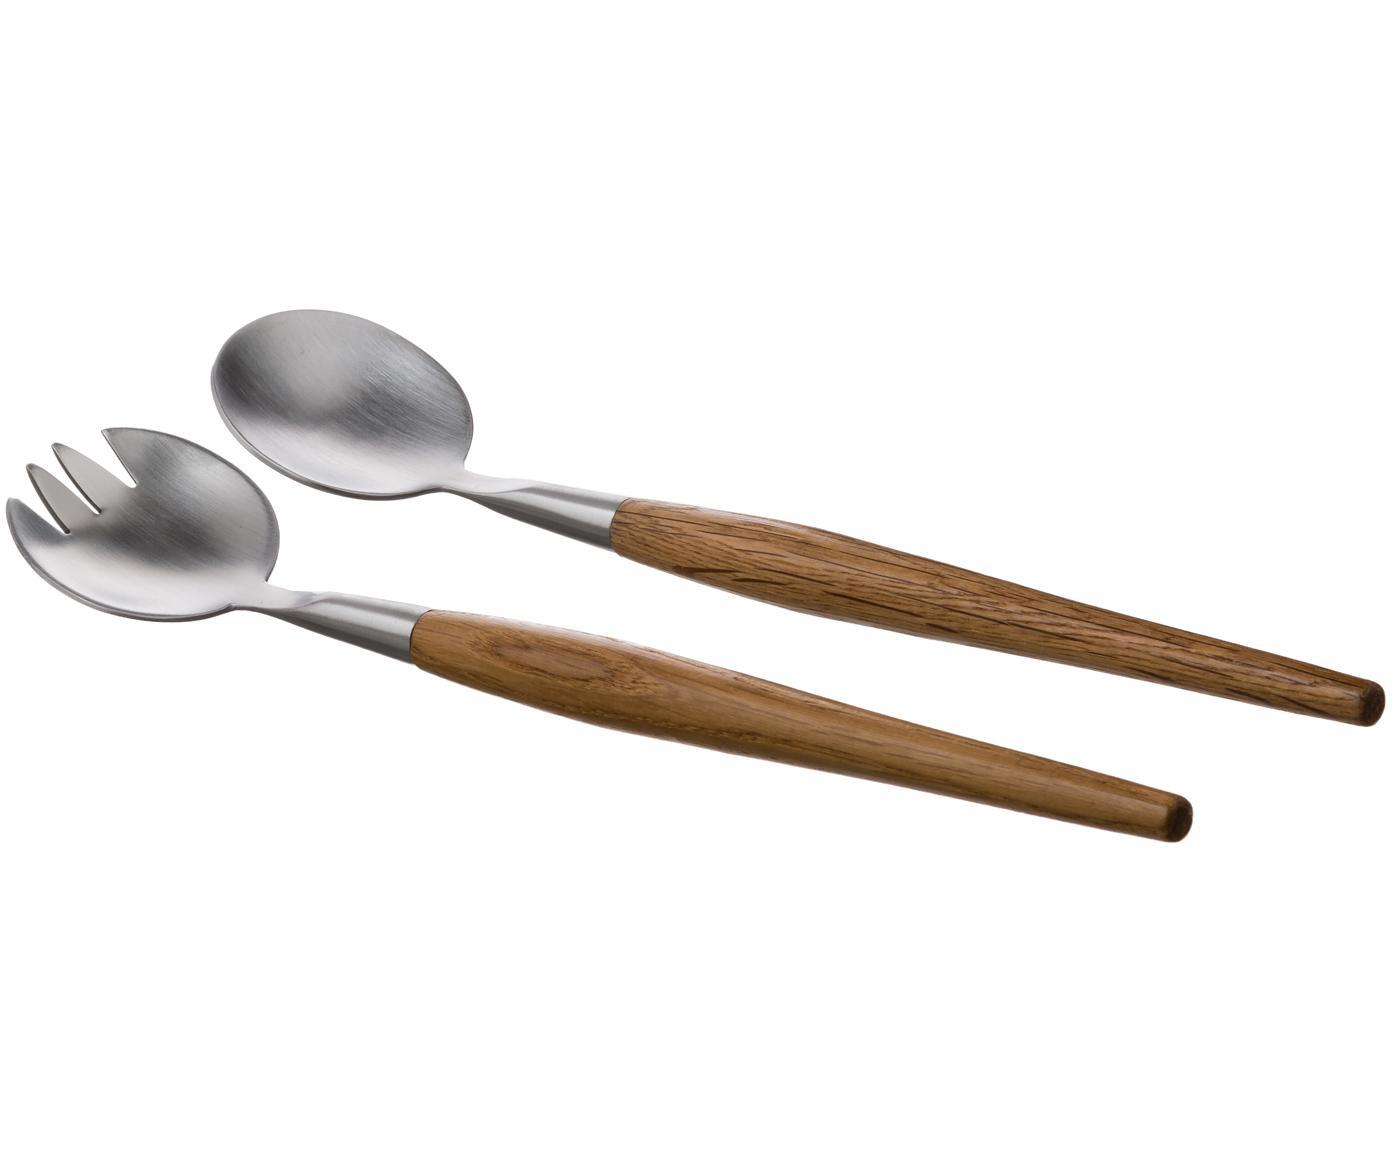 Komplet sztućców do sałatek Retro, 2 elem., Drewno dębowe, stal, D 29 cm